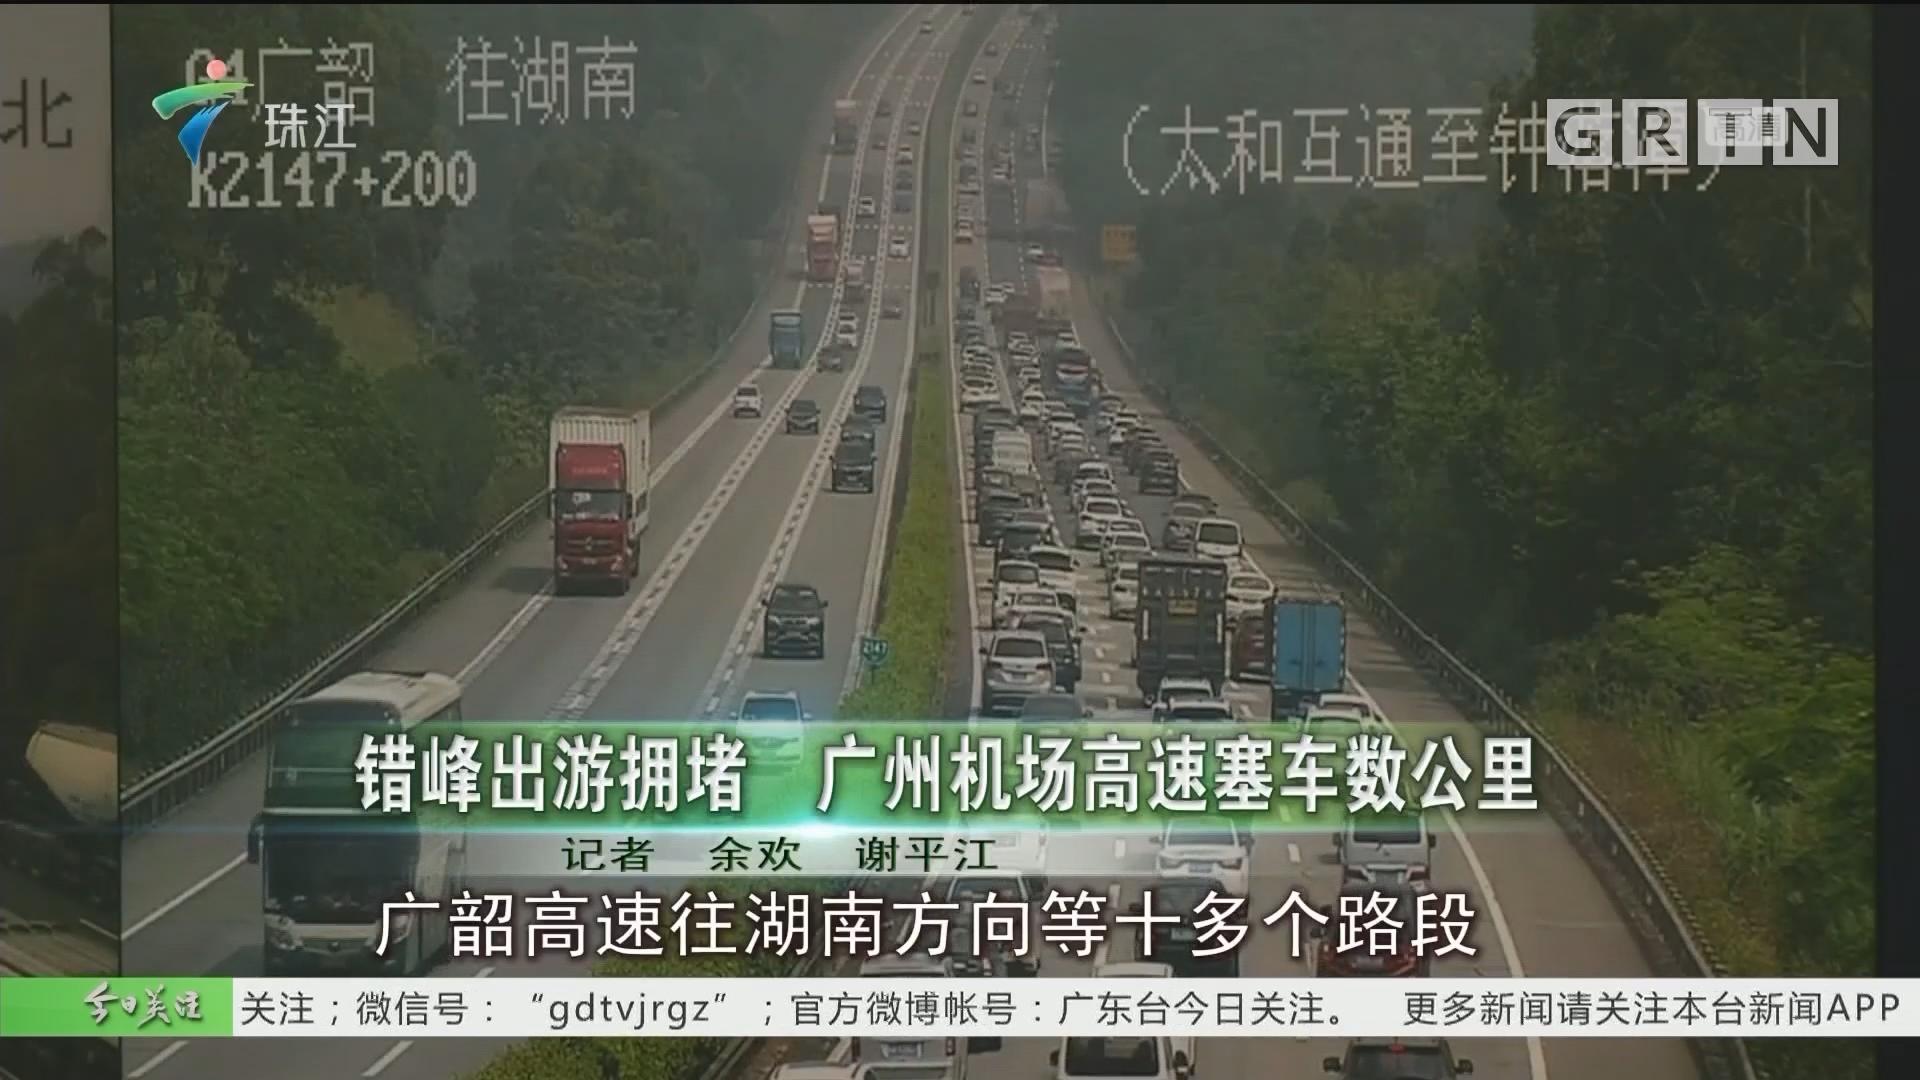 错峰出游拥堵 广州机场高速塞车数公里